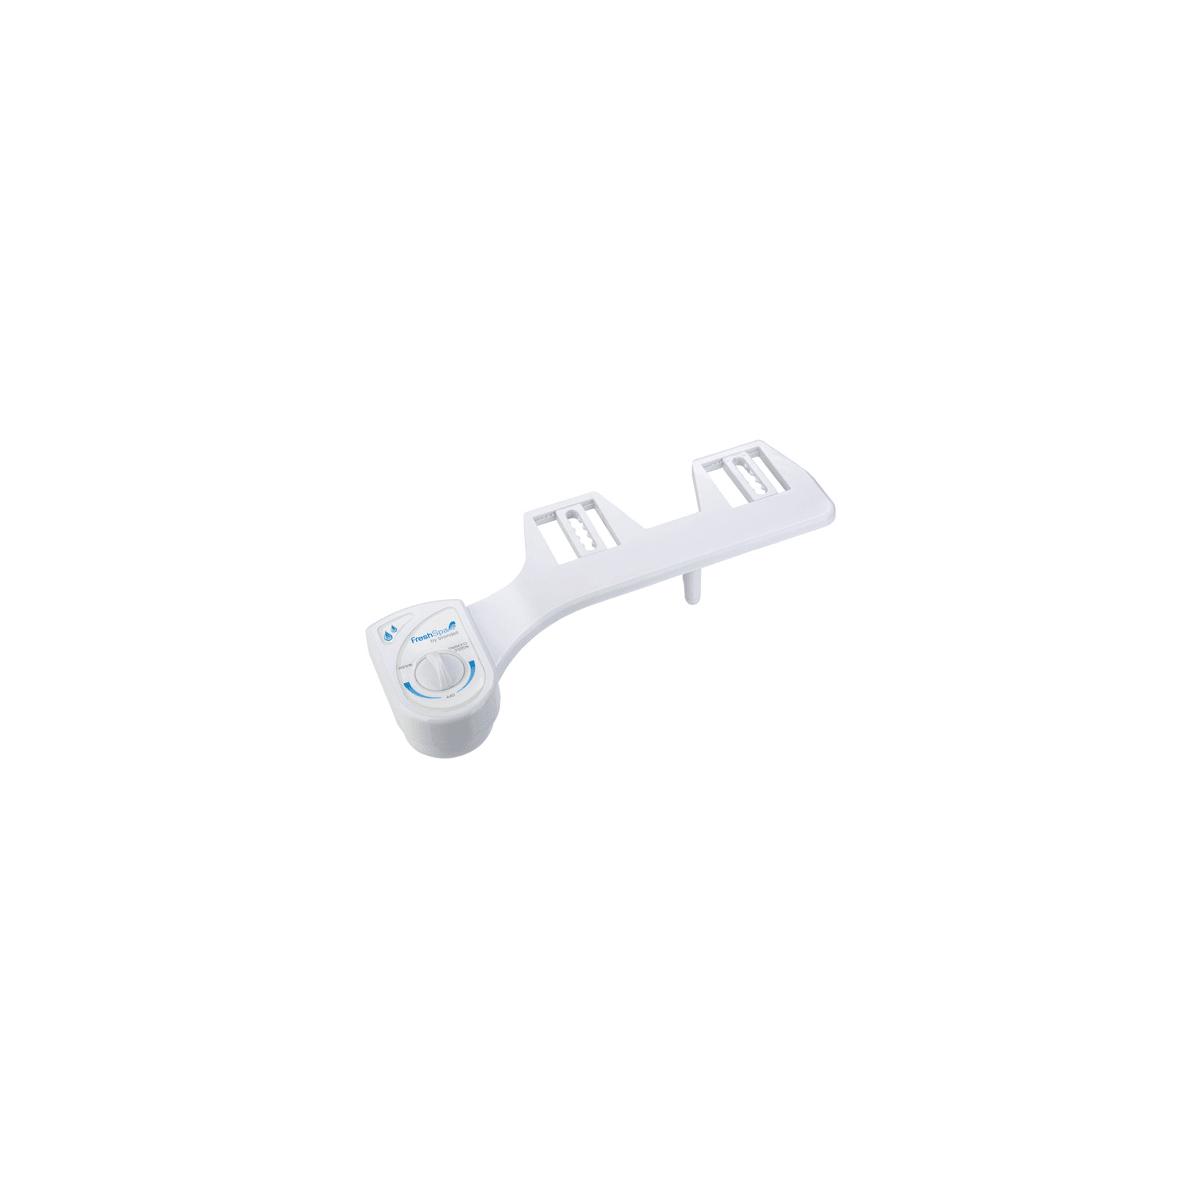 Brondell Fs 10 White Freshspa Easy Bidet Toilet Attachment